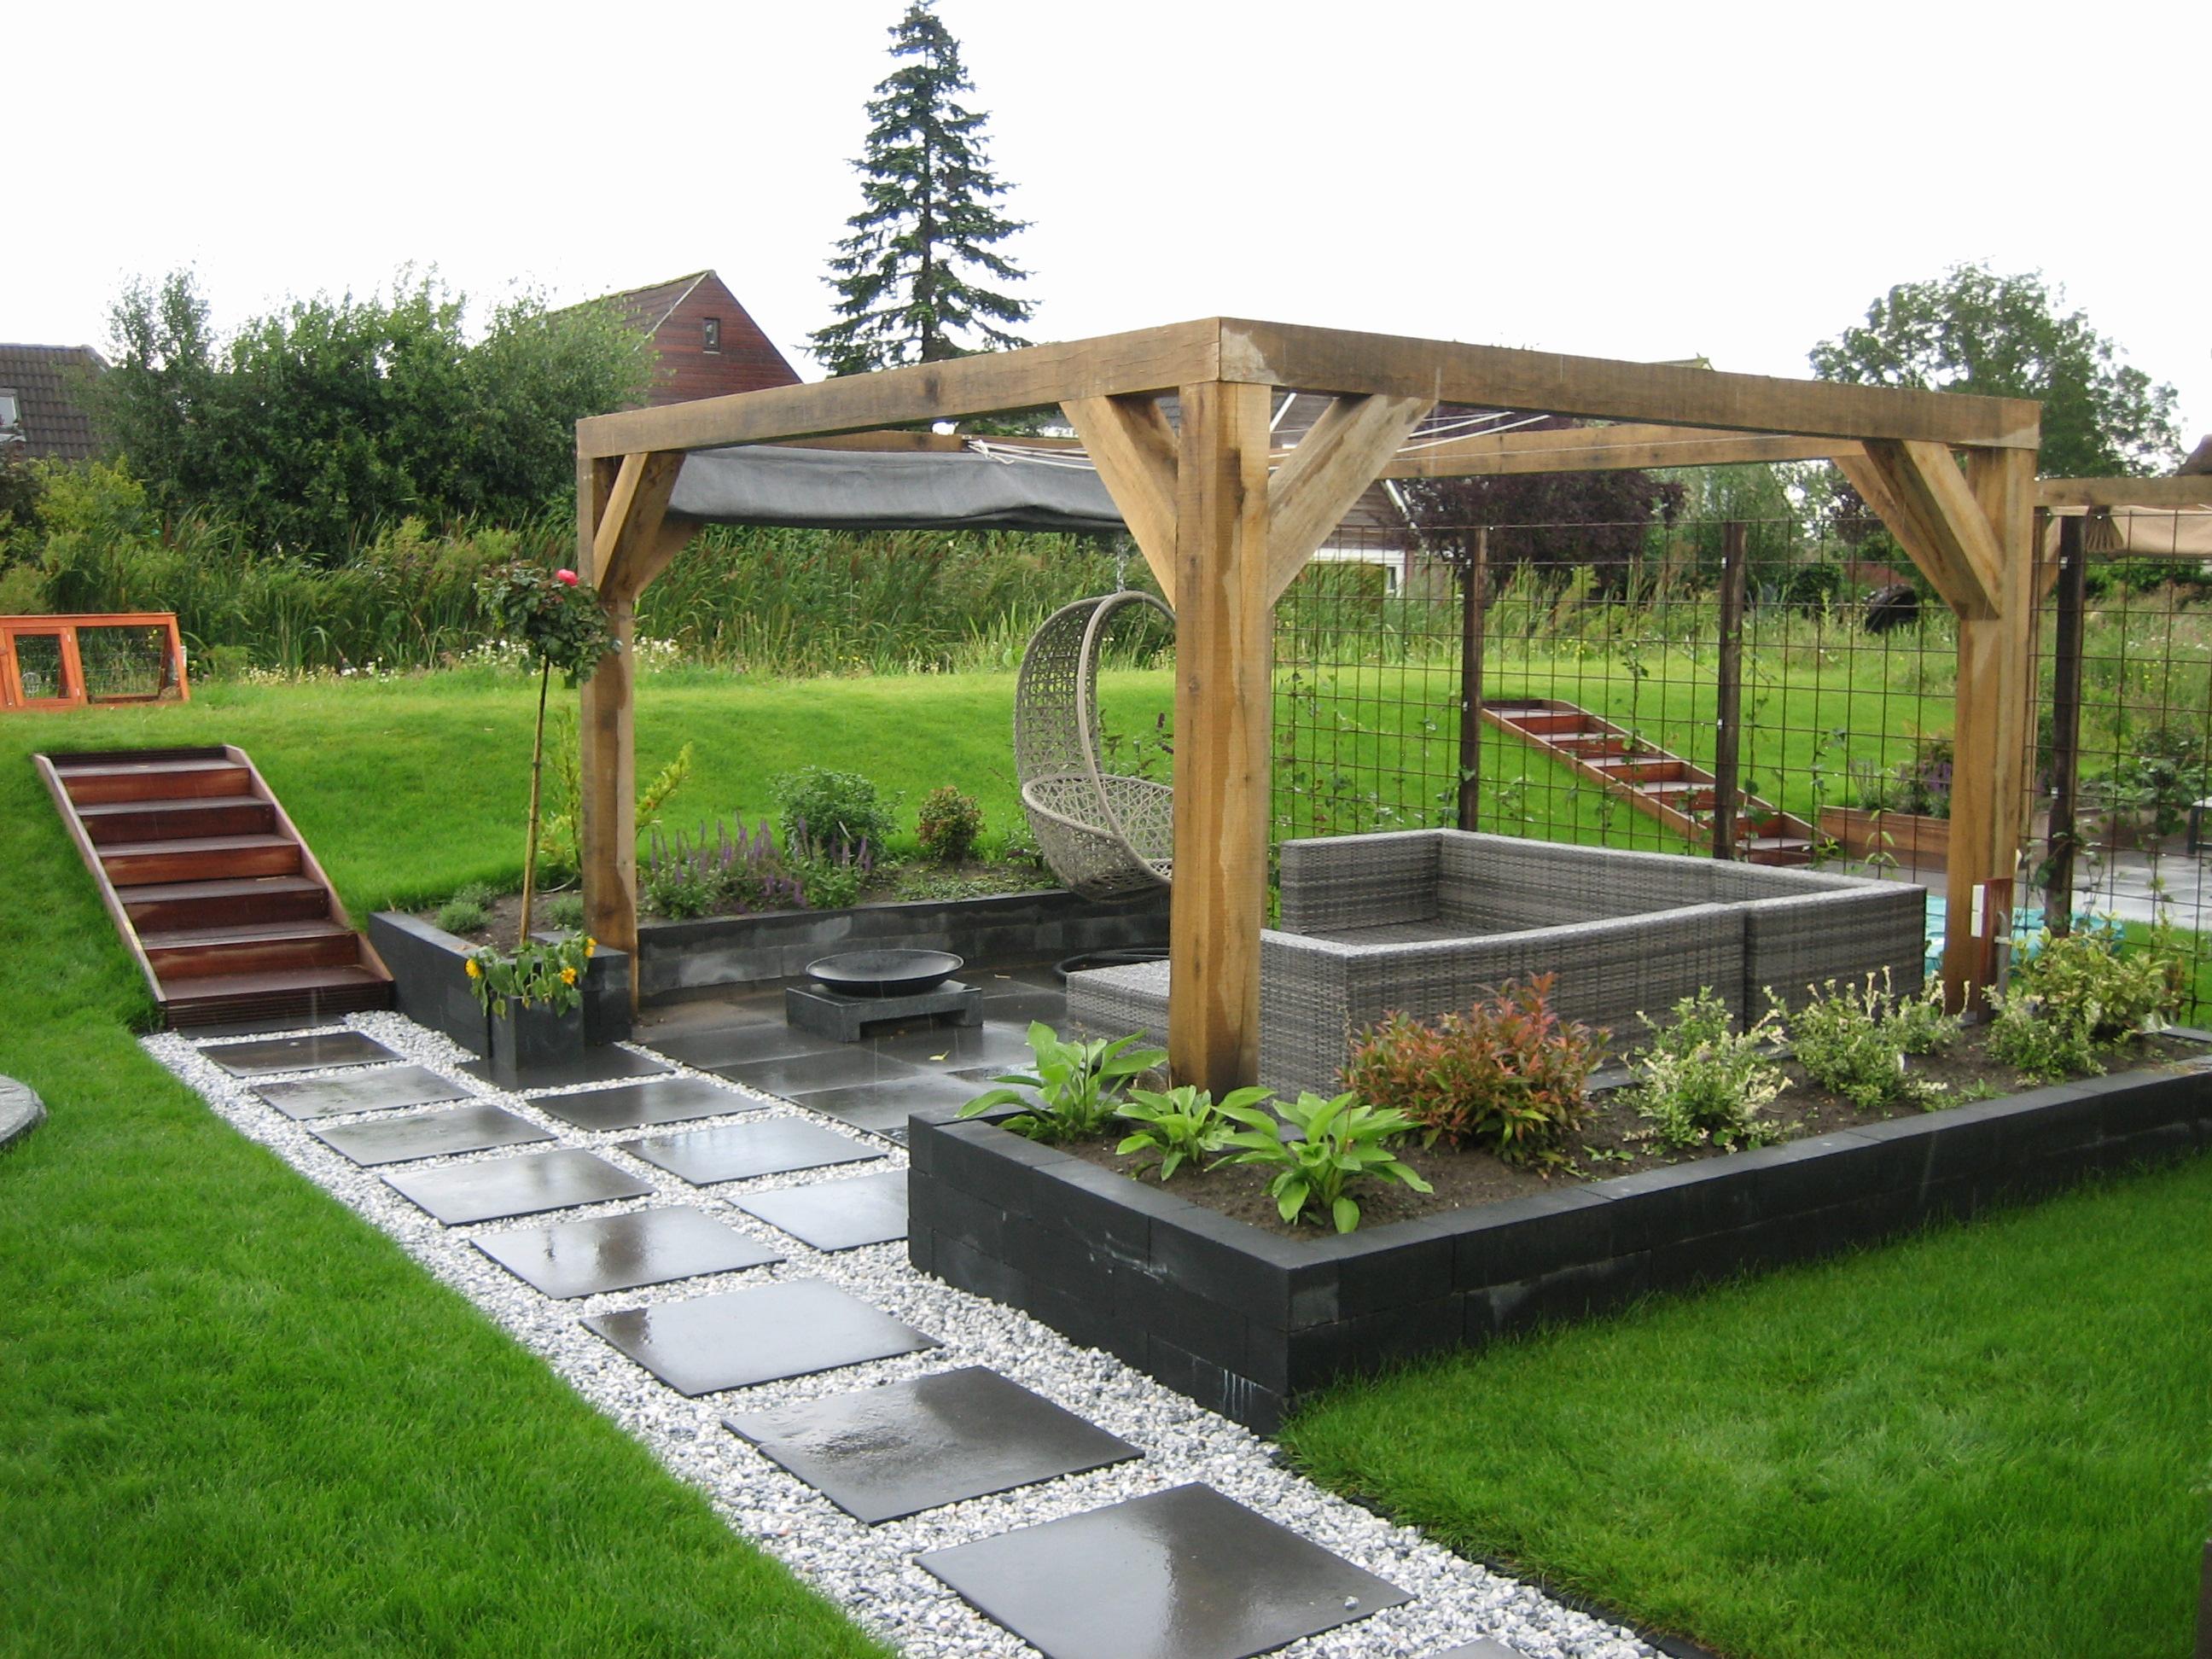 Kindvriendelijke tuin met overkapping en lounge zithoek for Moderne tuin met overkapping